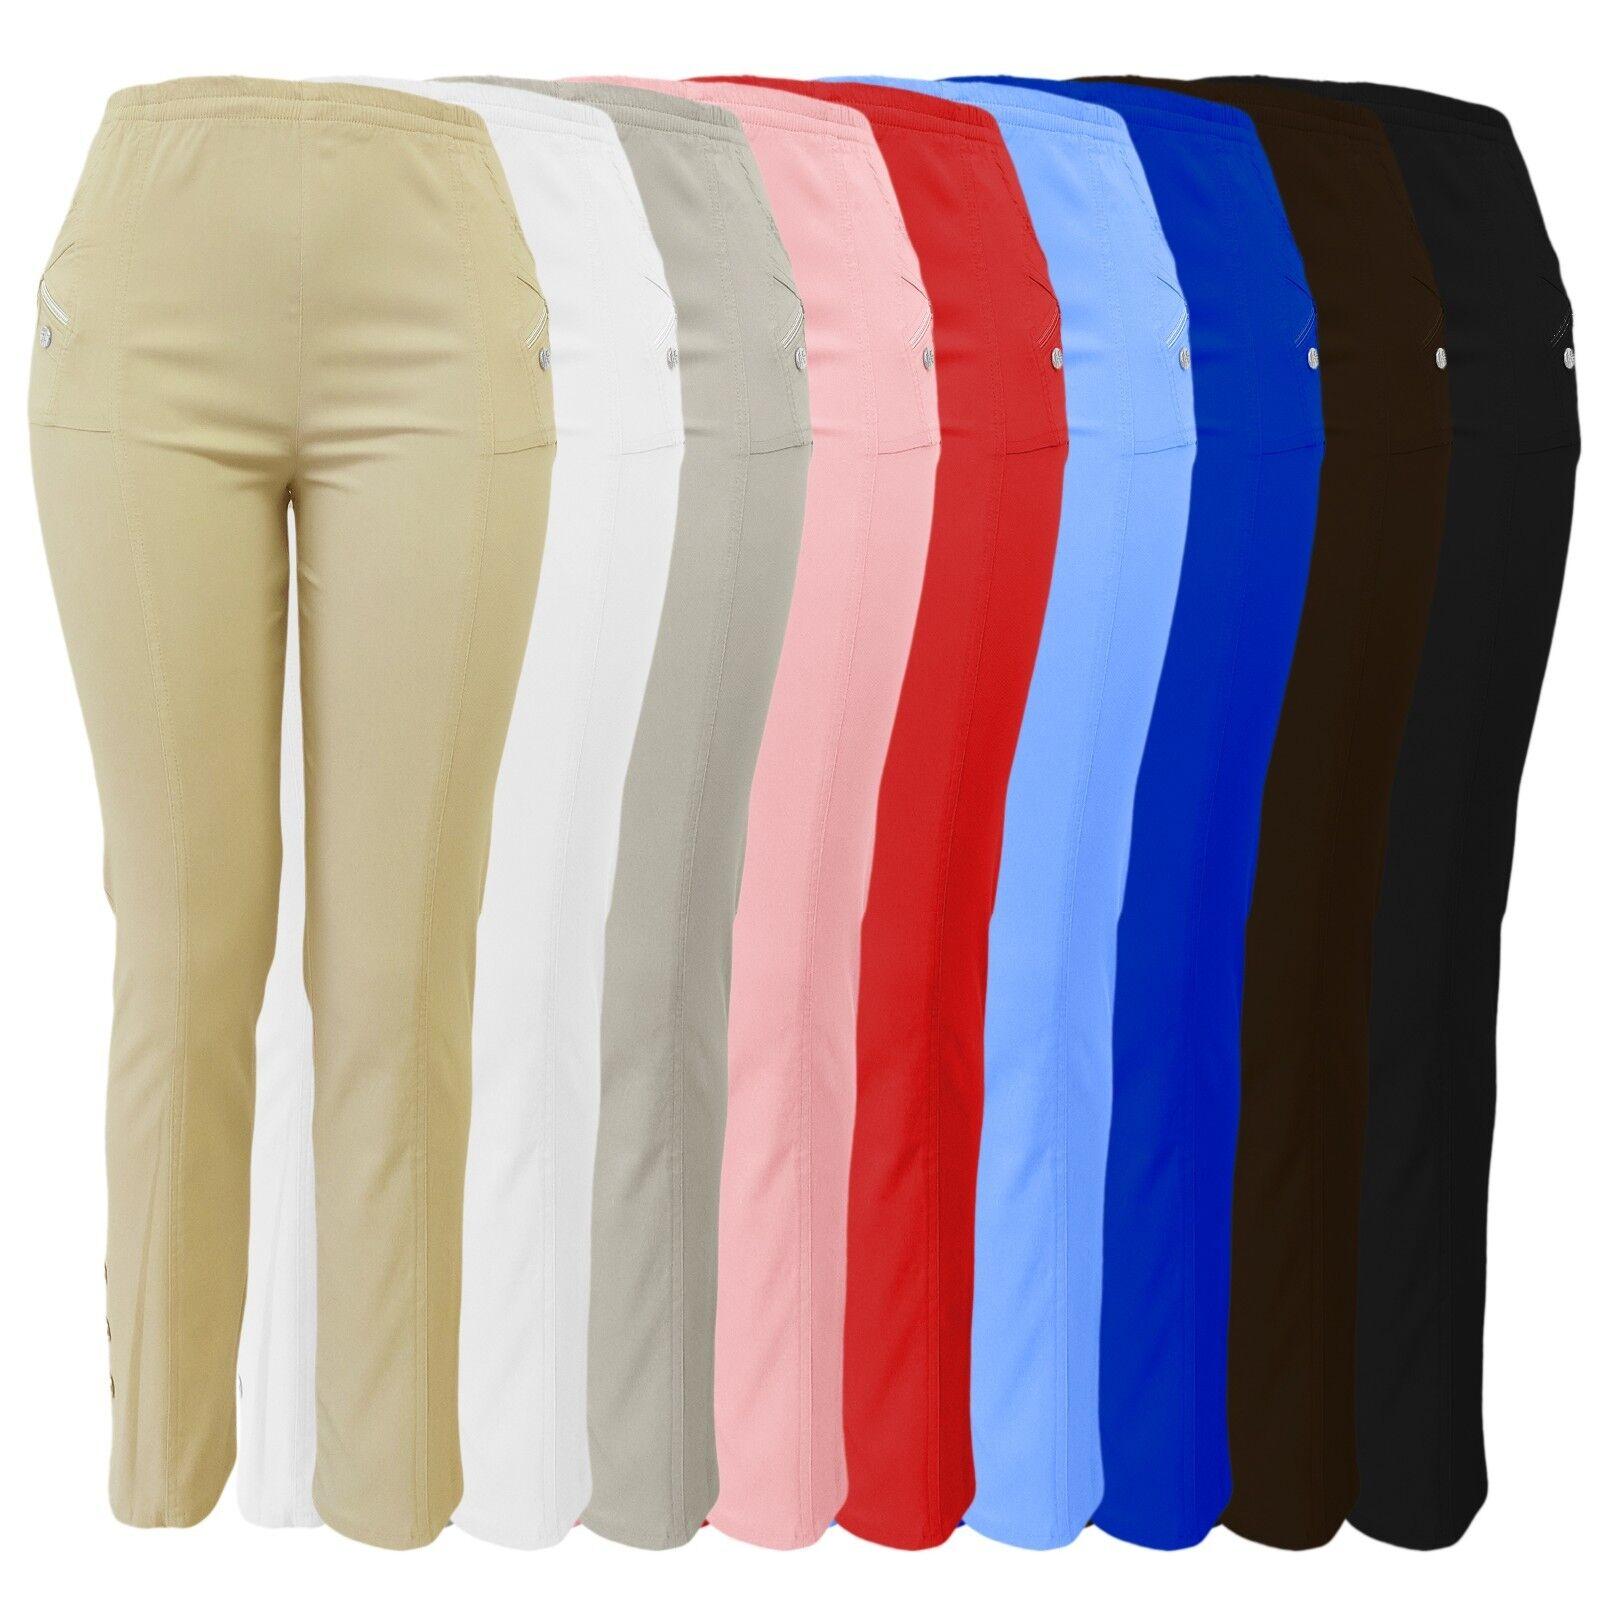 Sommerhosen Damen - Stretch Hose mit Gummizug - leicht luftig und bequem 38 - 54